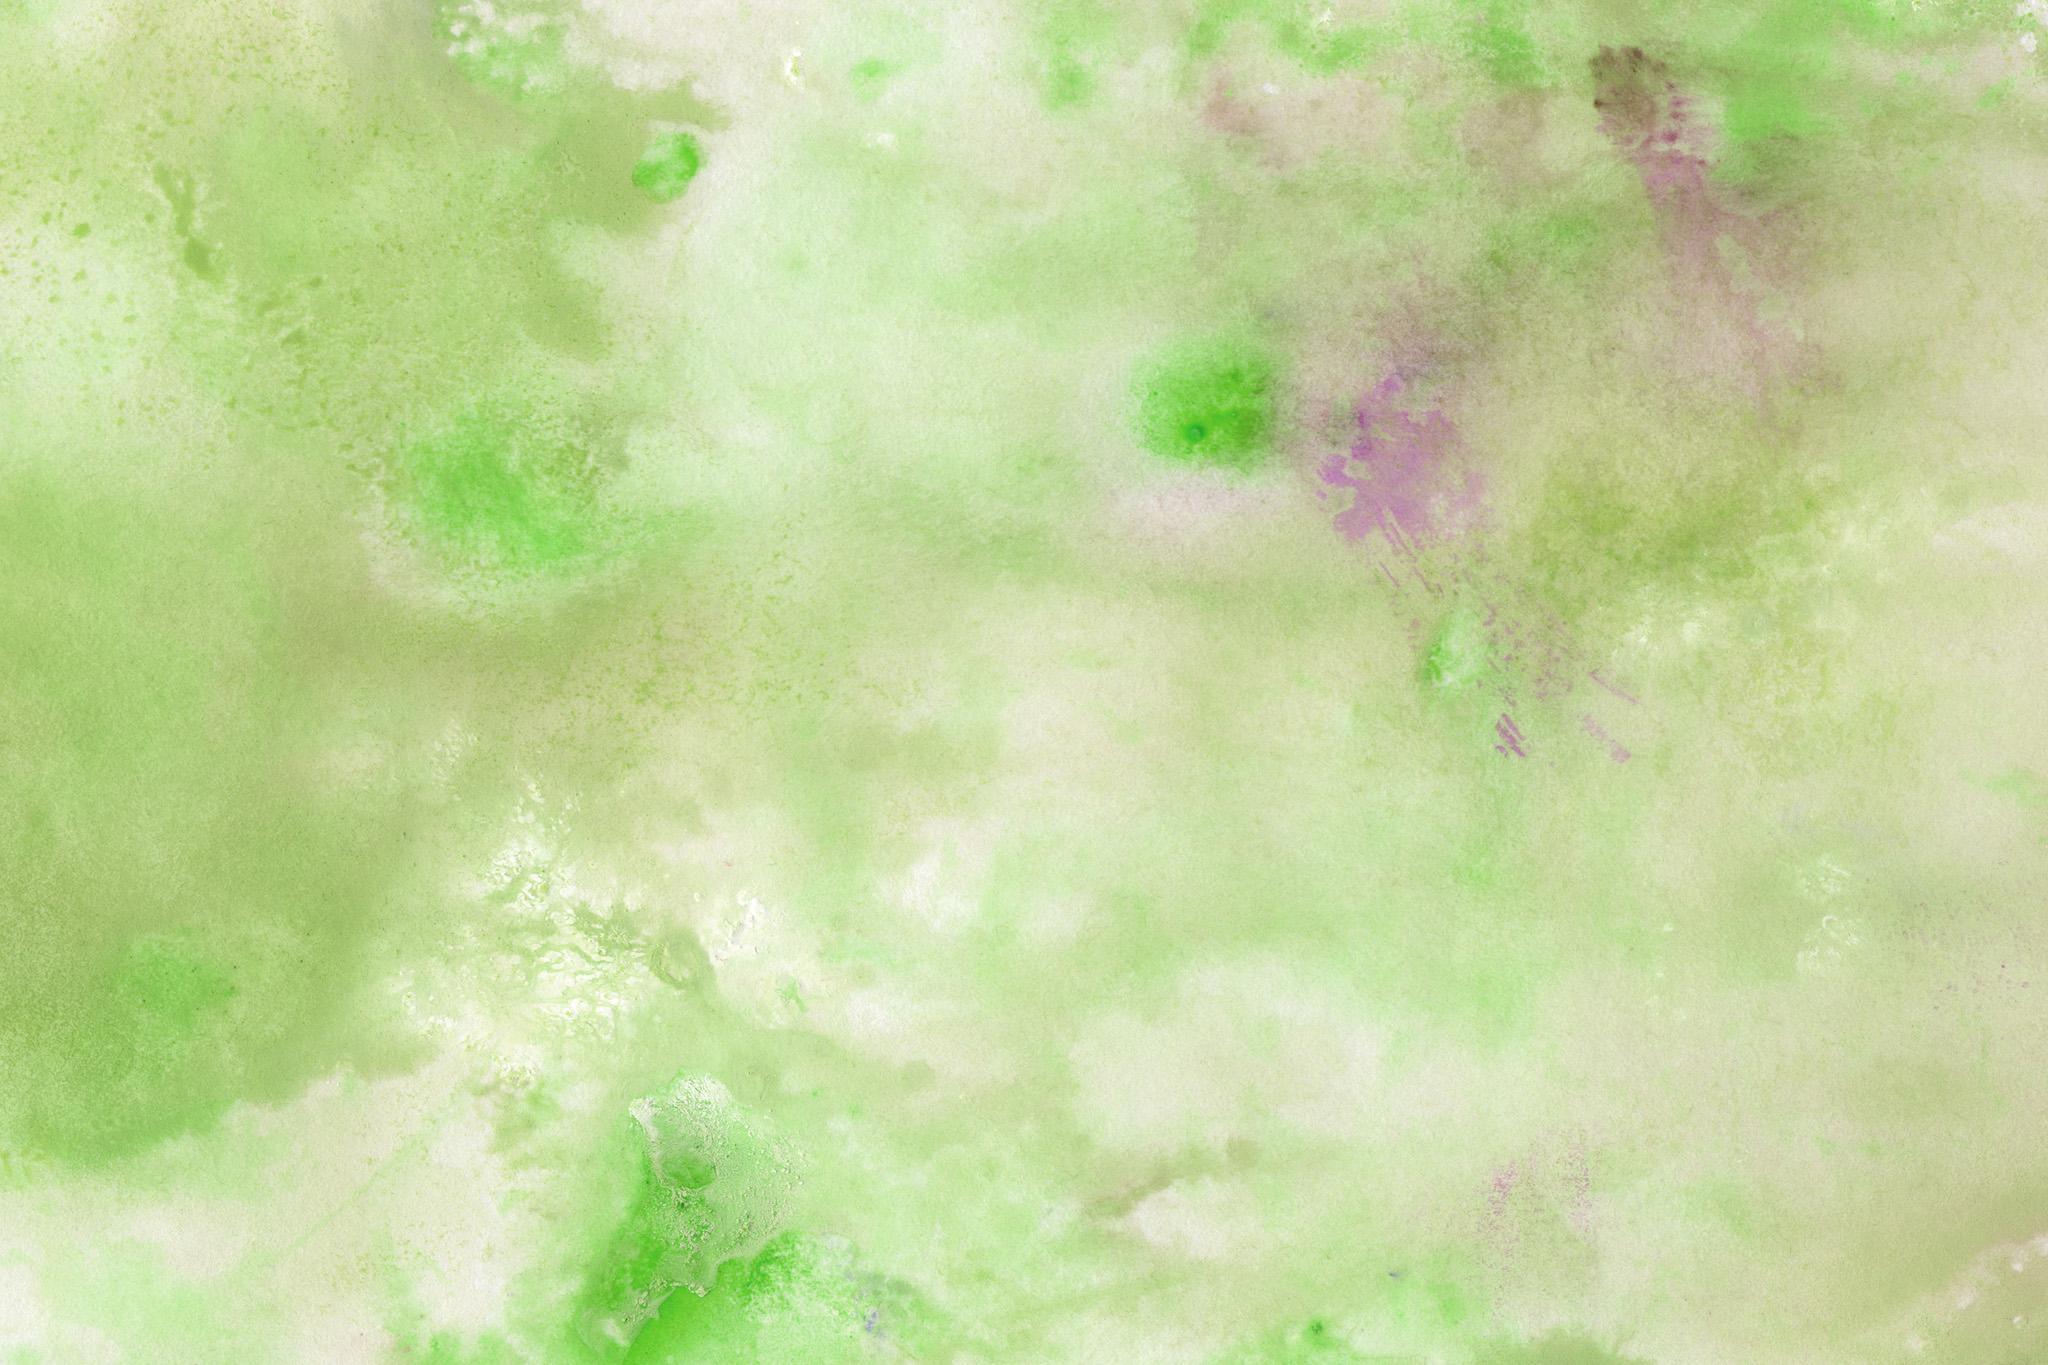 「野原のような水彩模様の背景」のテクスチャを無料ダウンロード